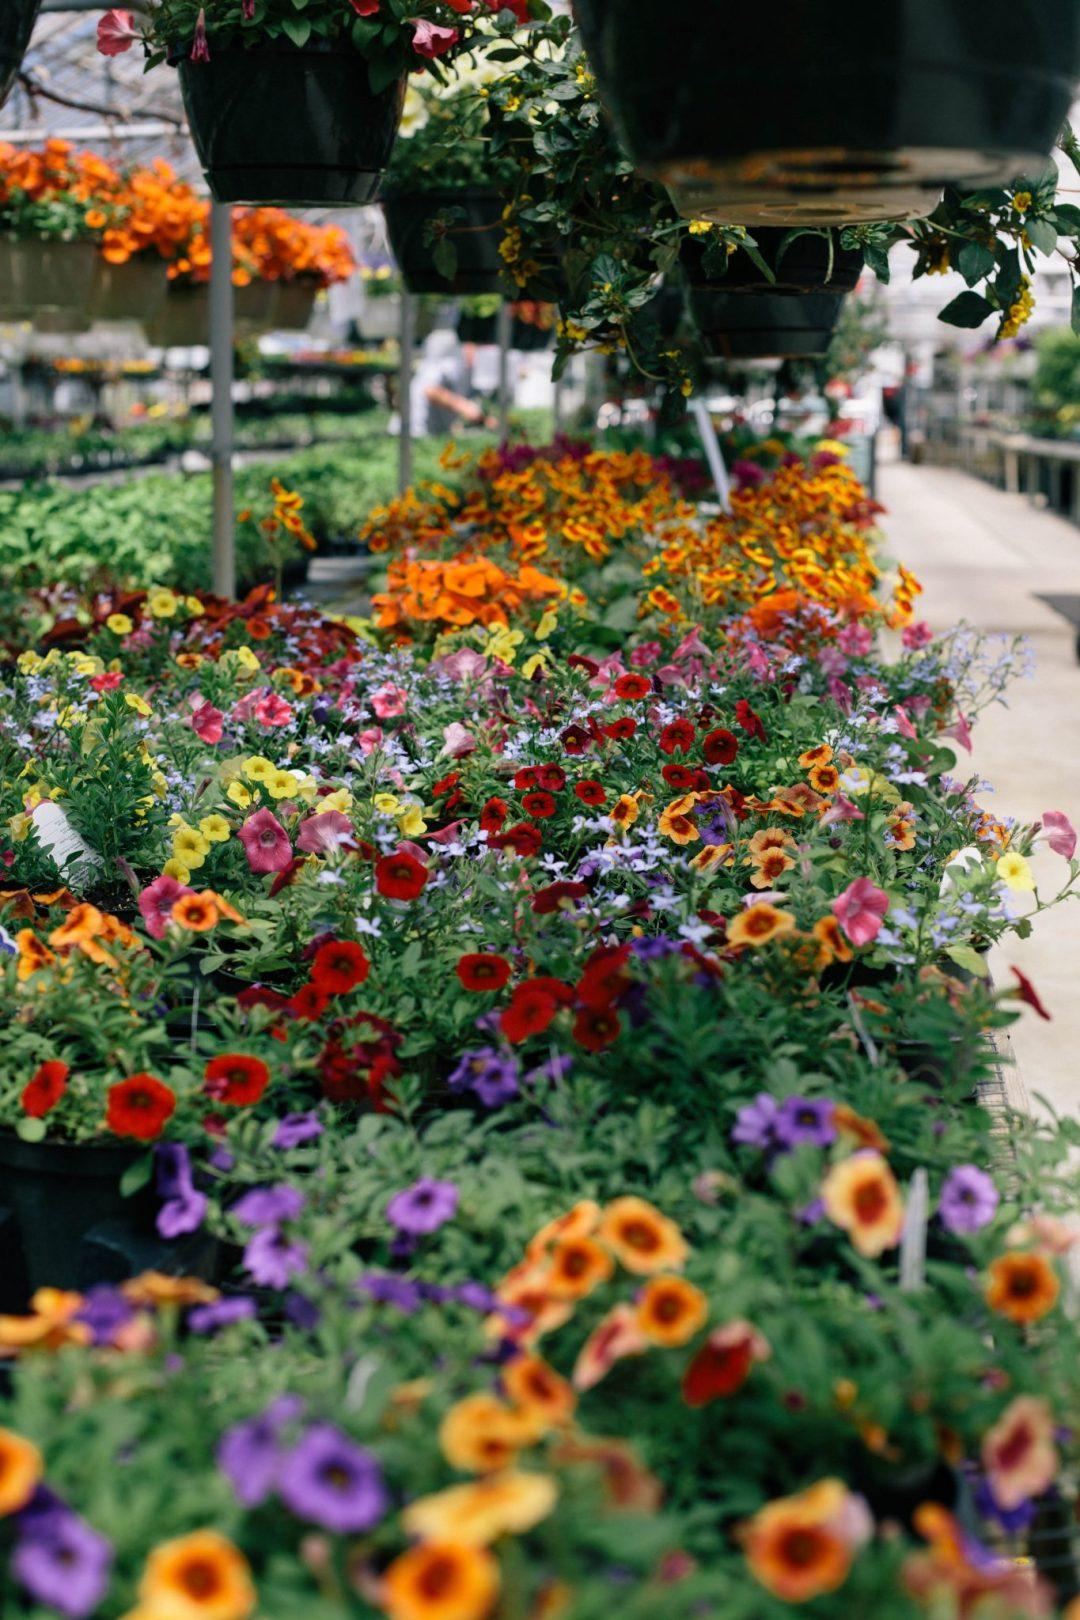 Cleveland-Puritas-Nursery-and-Garden-Center-1